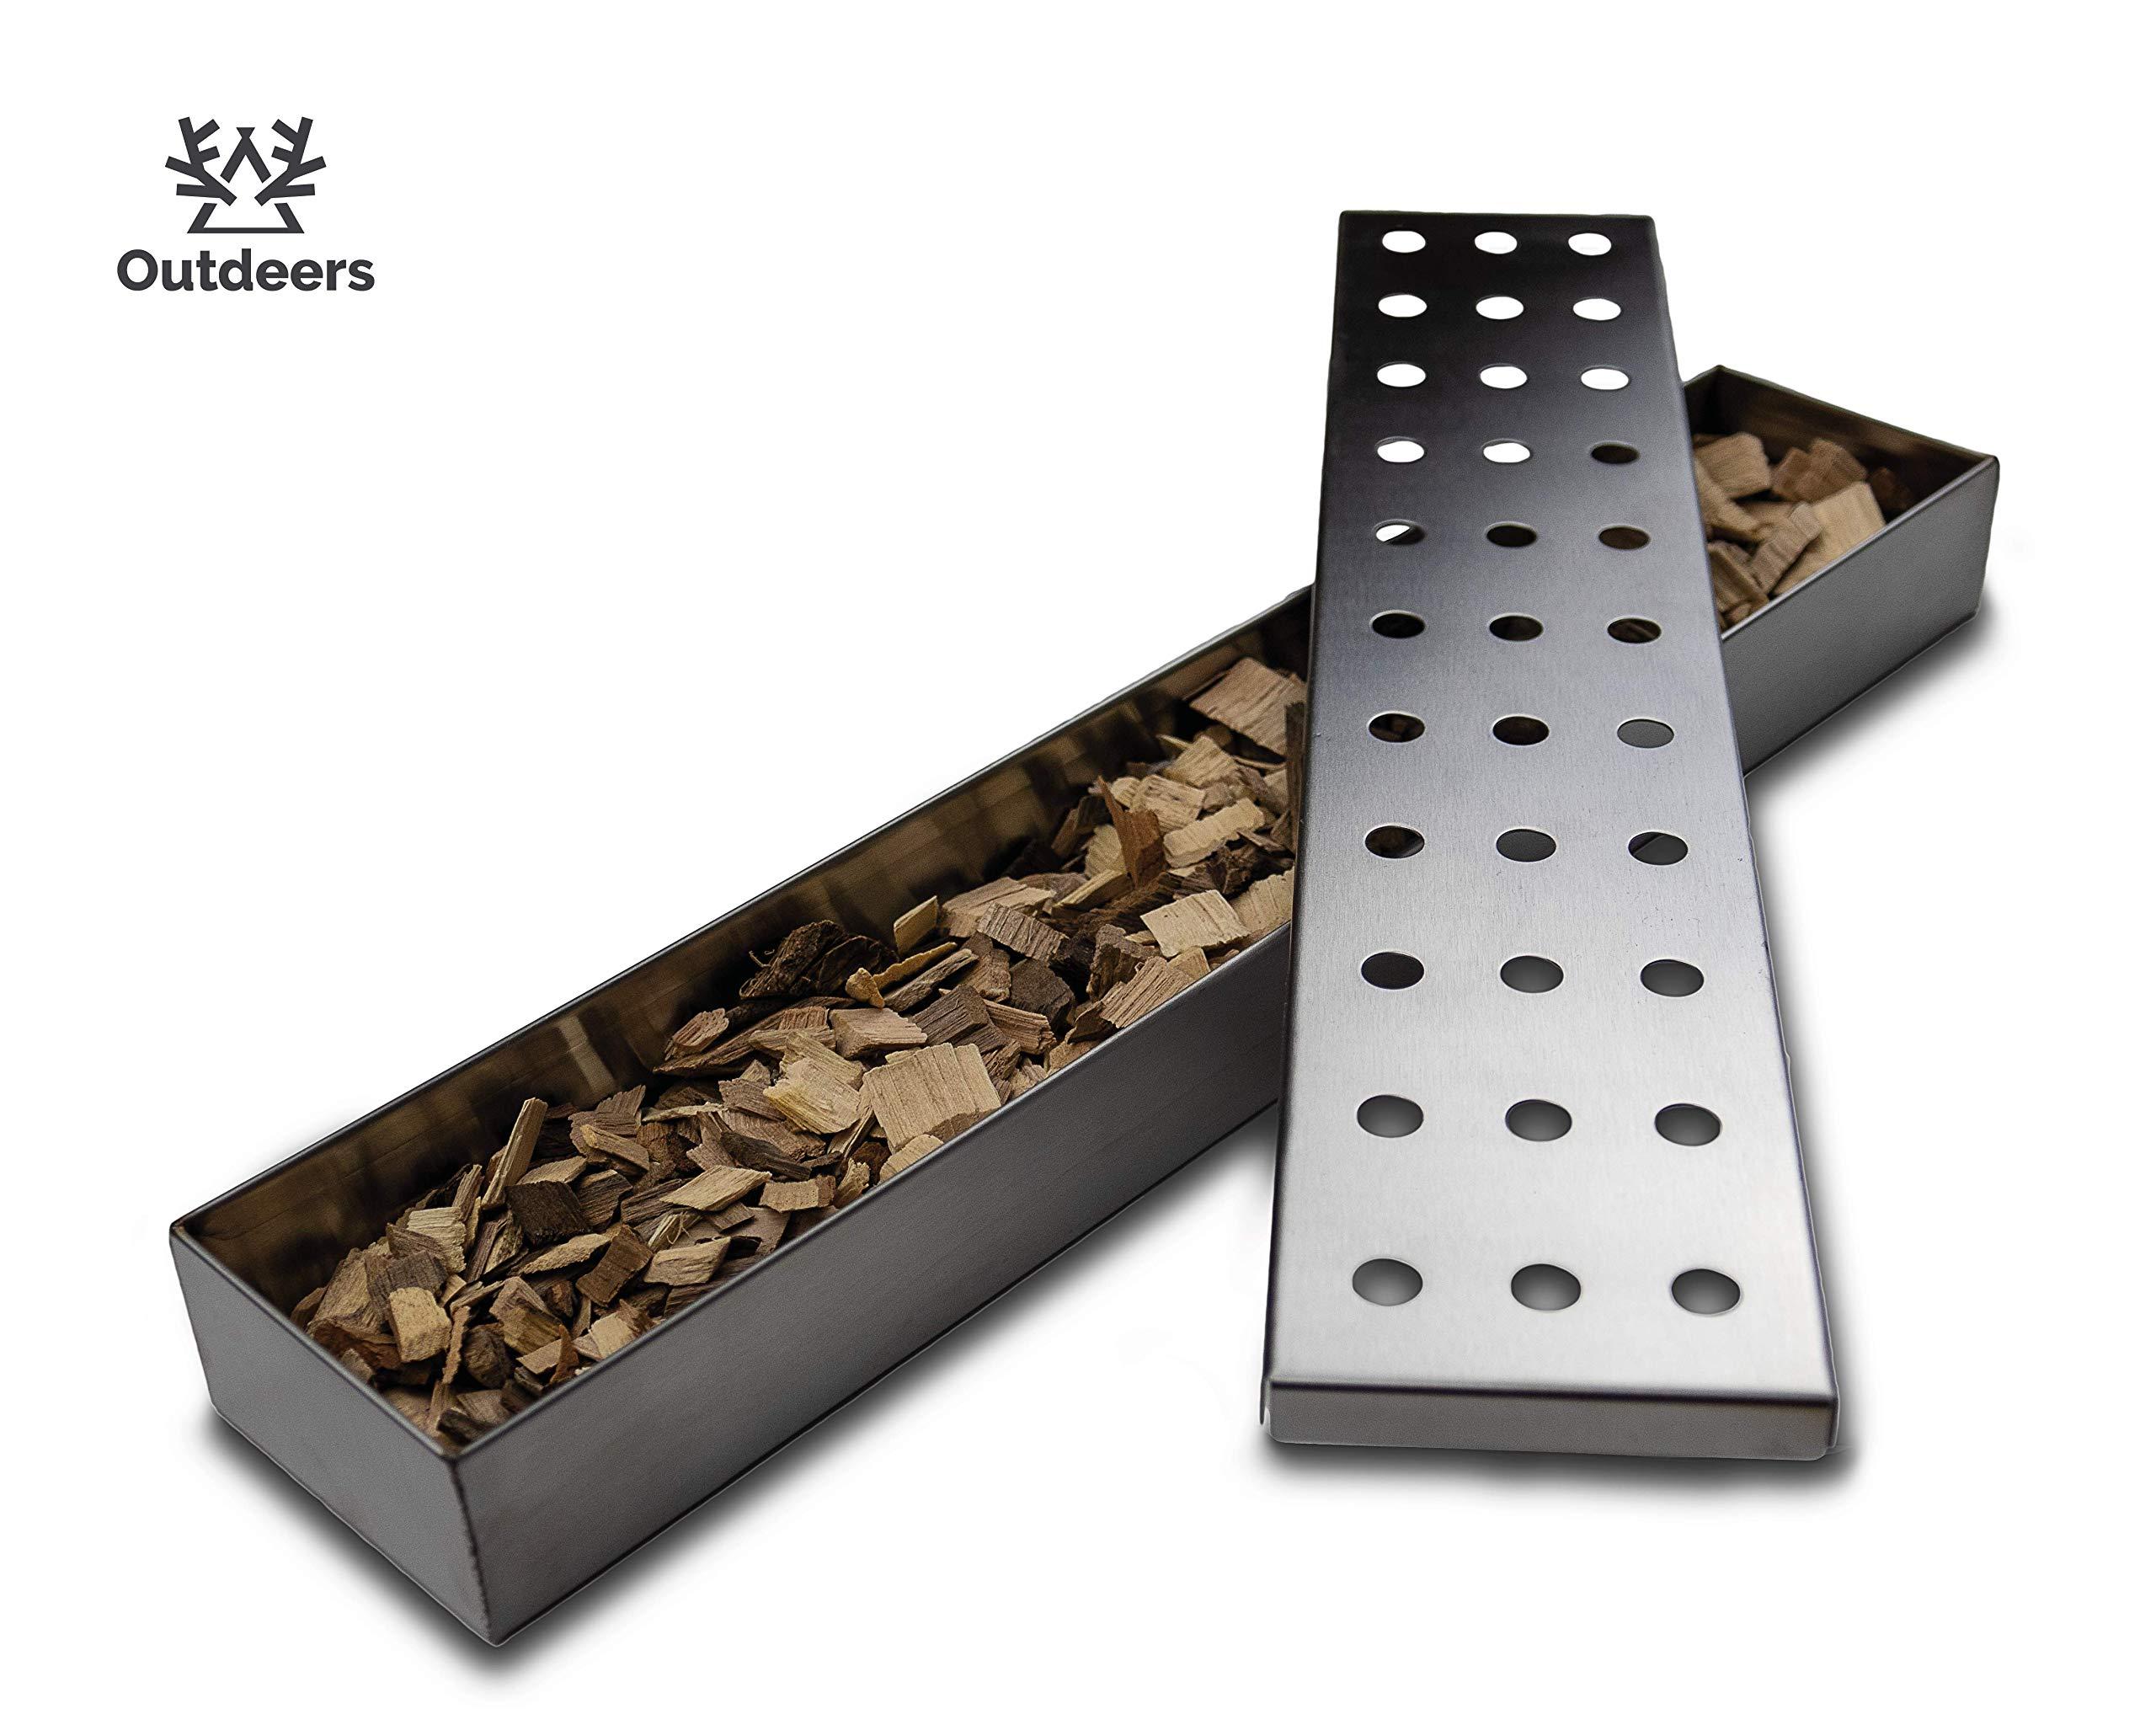 Räucherbox Für Gasgrill : Outdeers räucherbox aus rostfreiem edelstahl extralange smokerbox